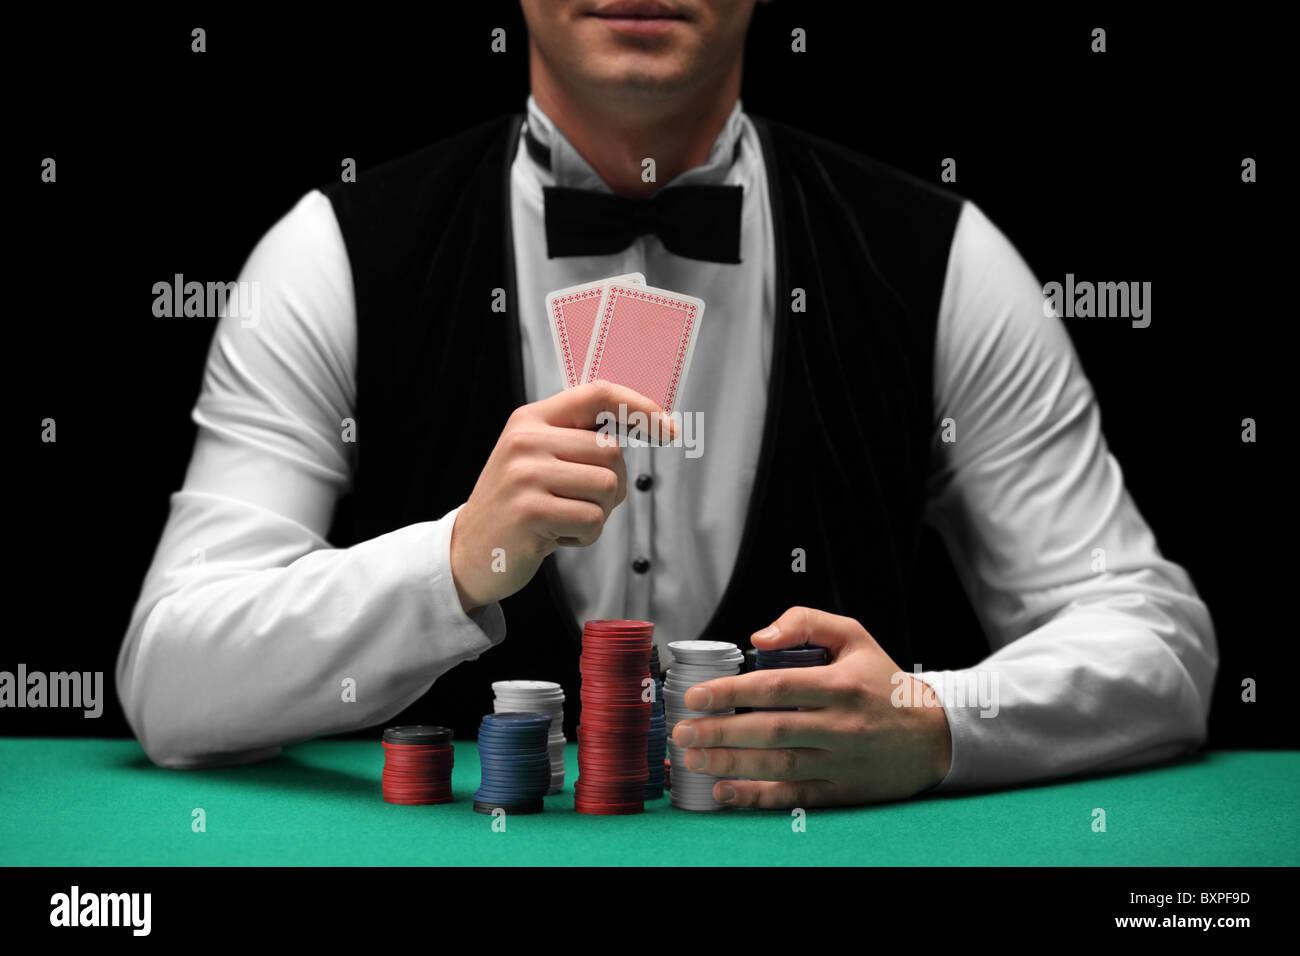 Mann mit Fliege Karten und Glücksspiele chips Stockbild